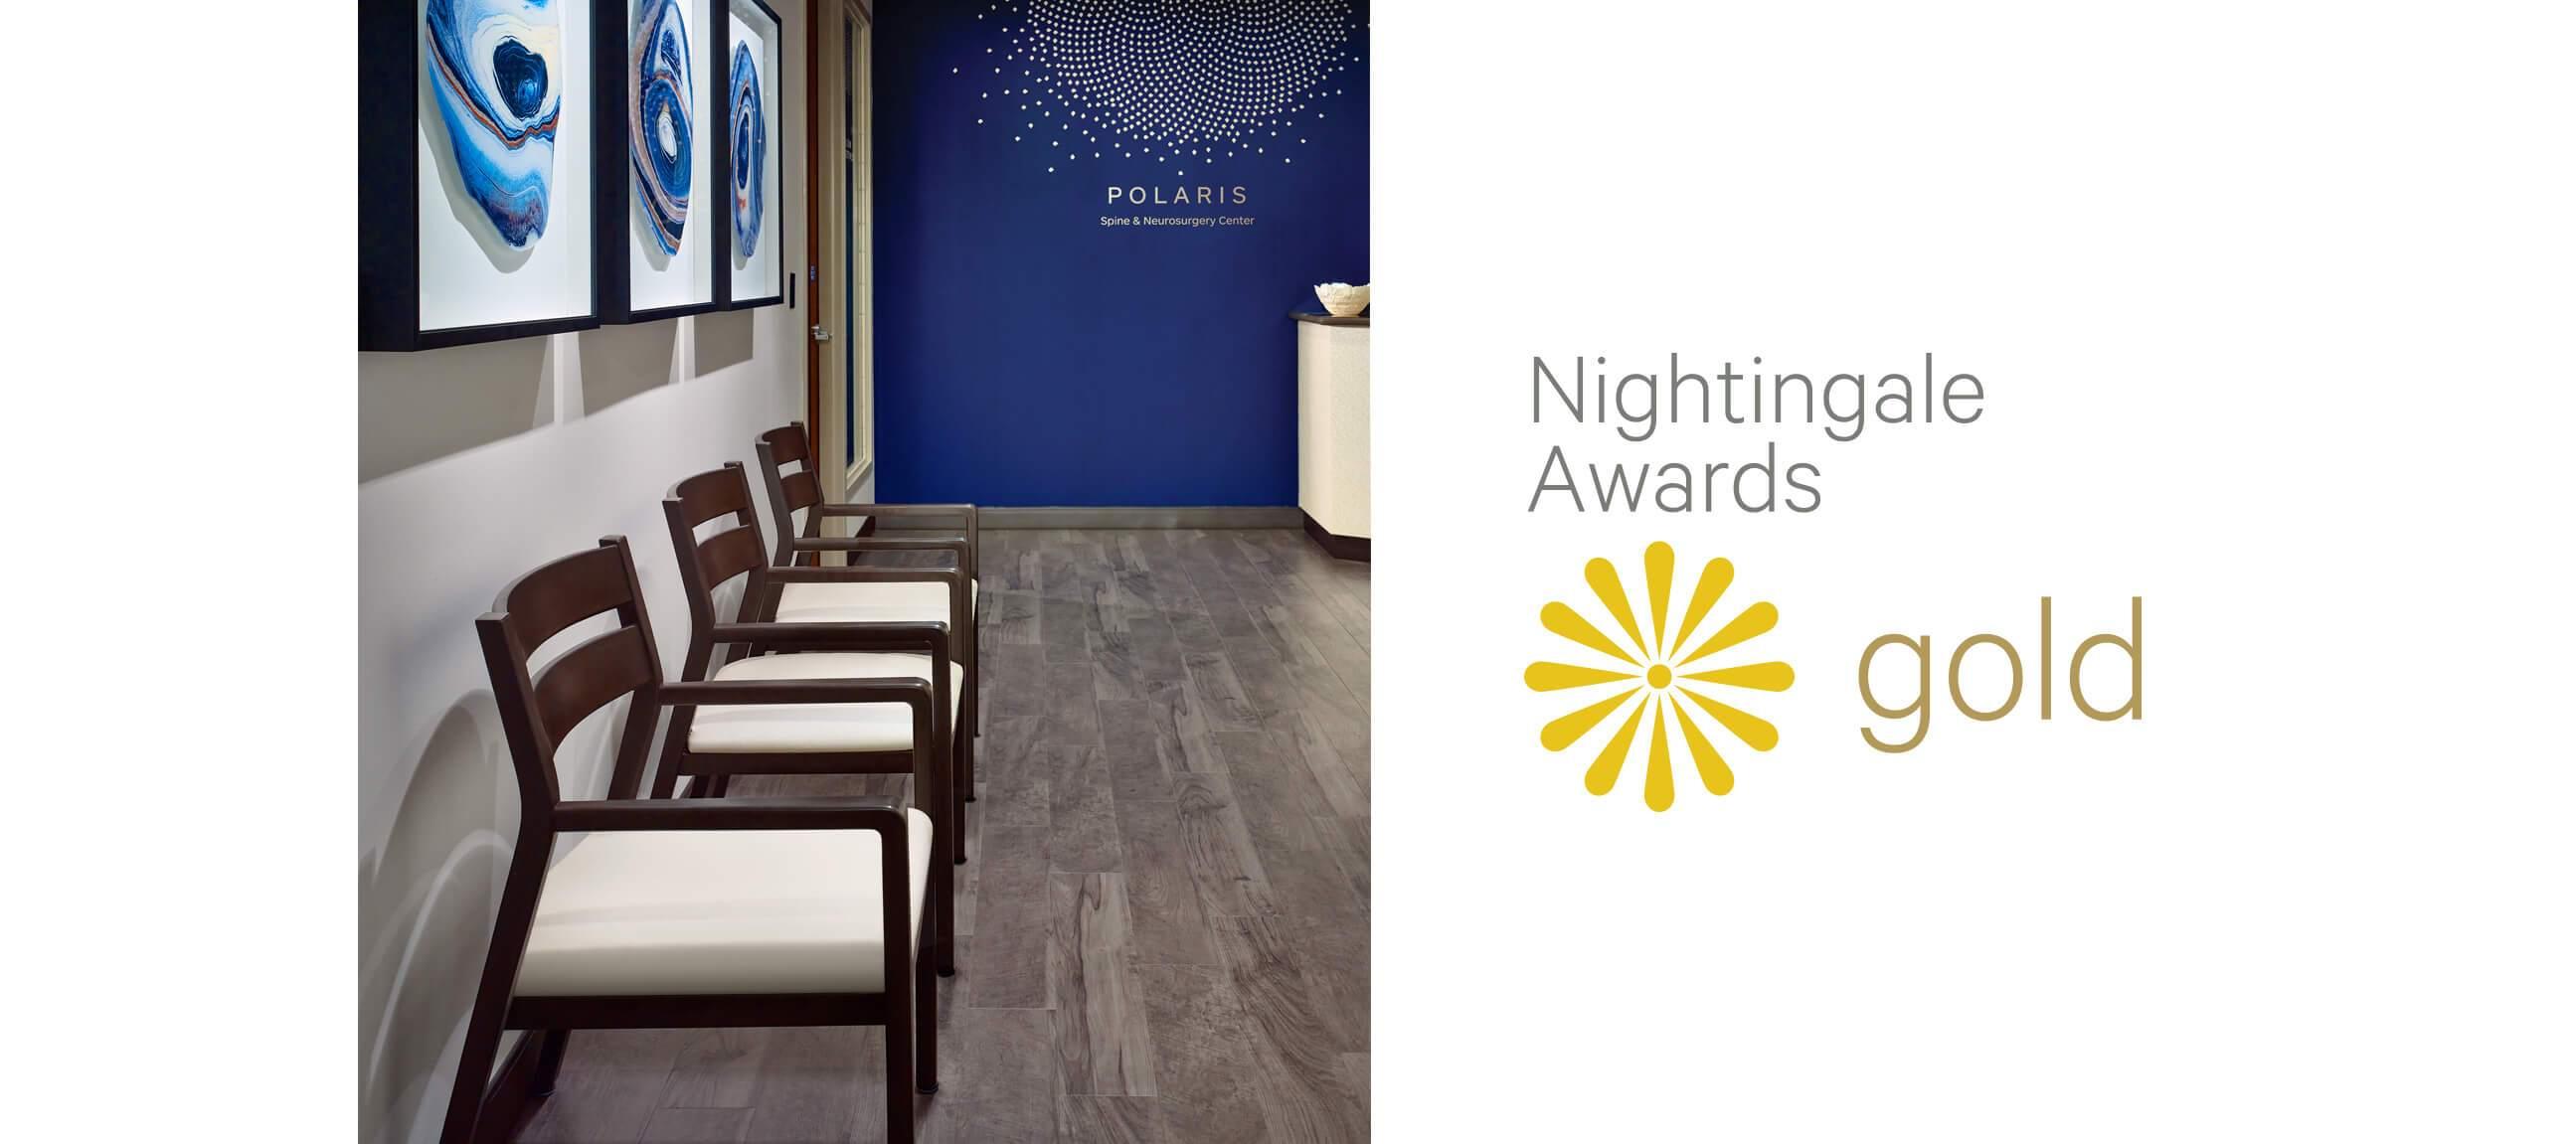 Nightingale Awards (Gold)